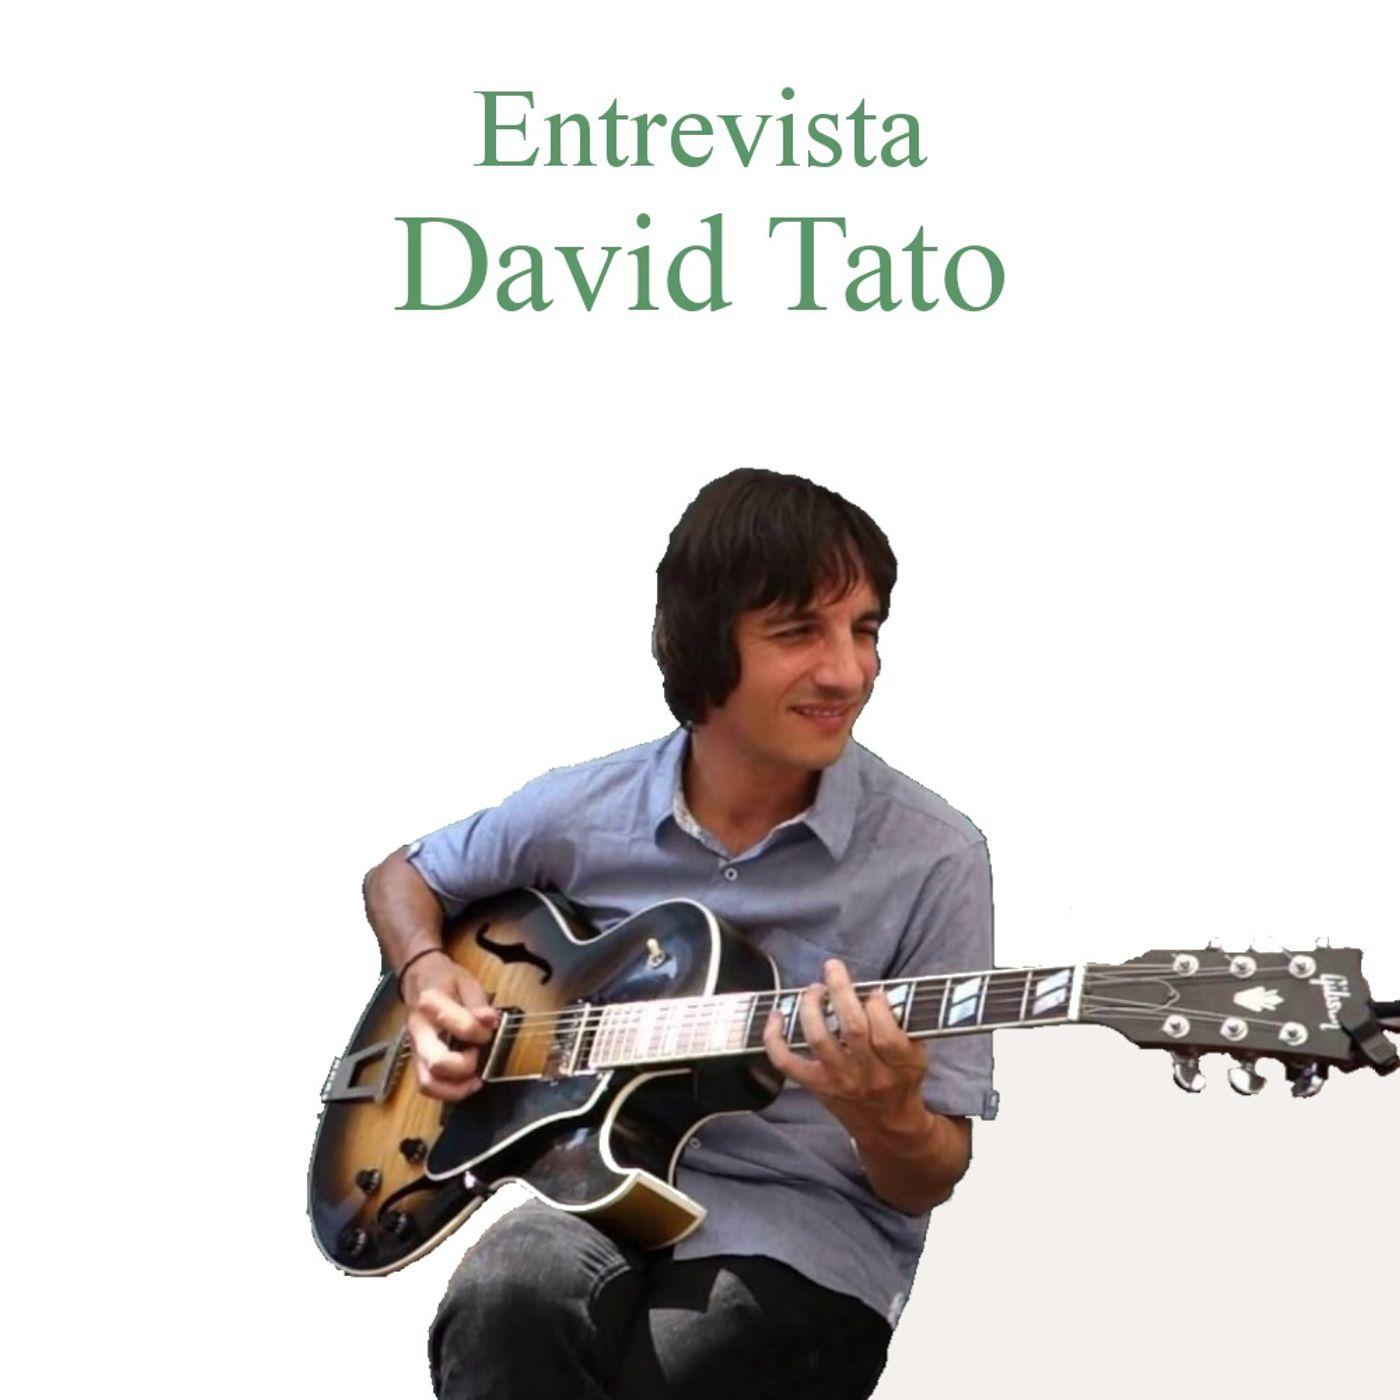 Entrevista a David Tato